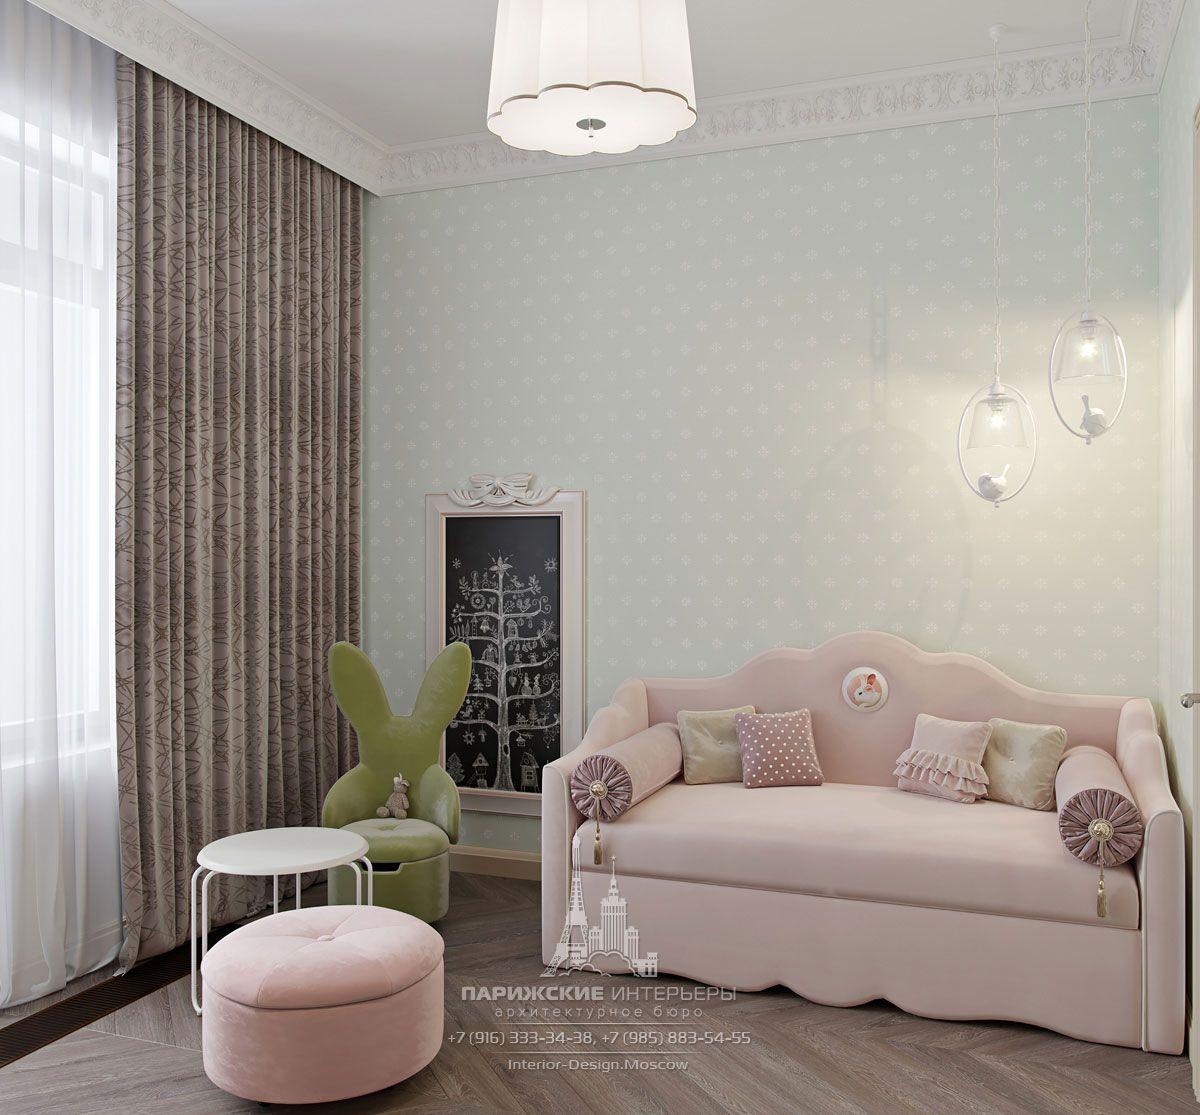 Дизайн детской комнаты для девочки. Розовый диван и пуф